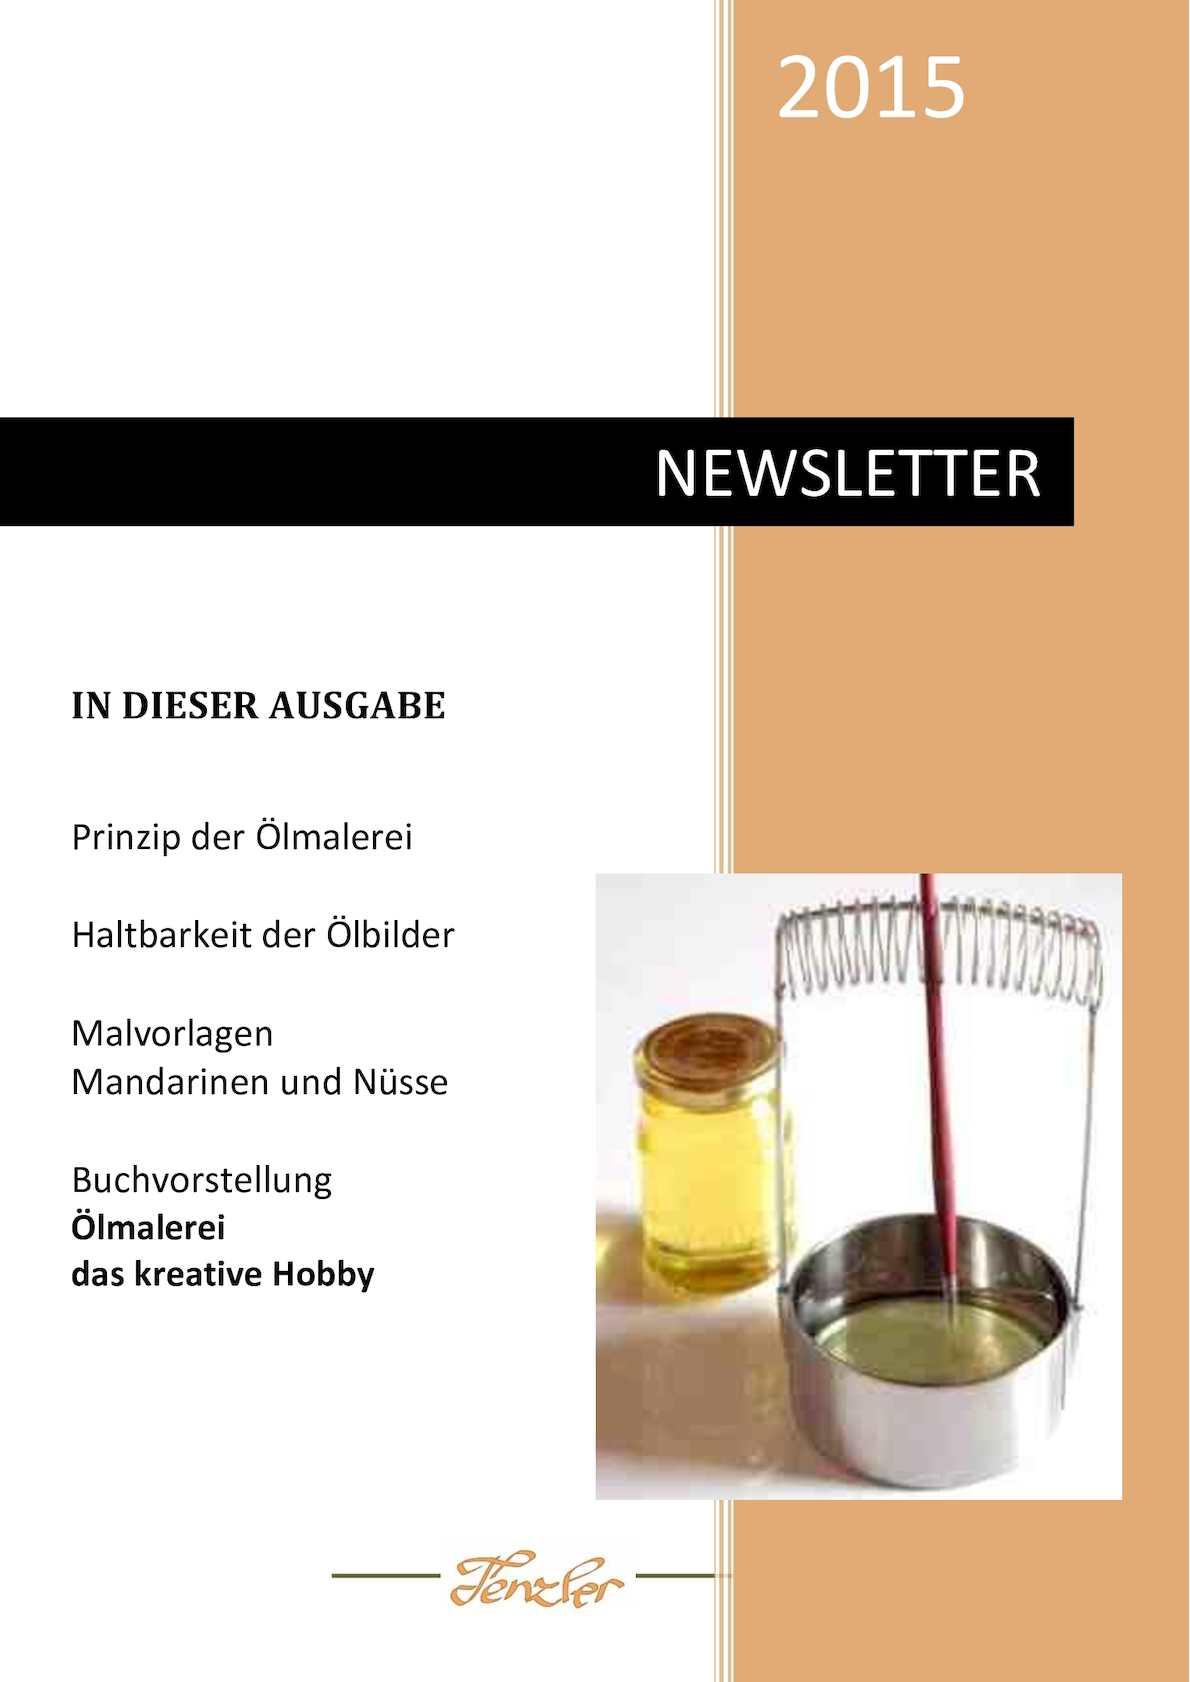 Calaméo - Ölmalerei Newsletter 2015 1